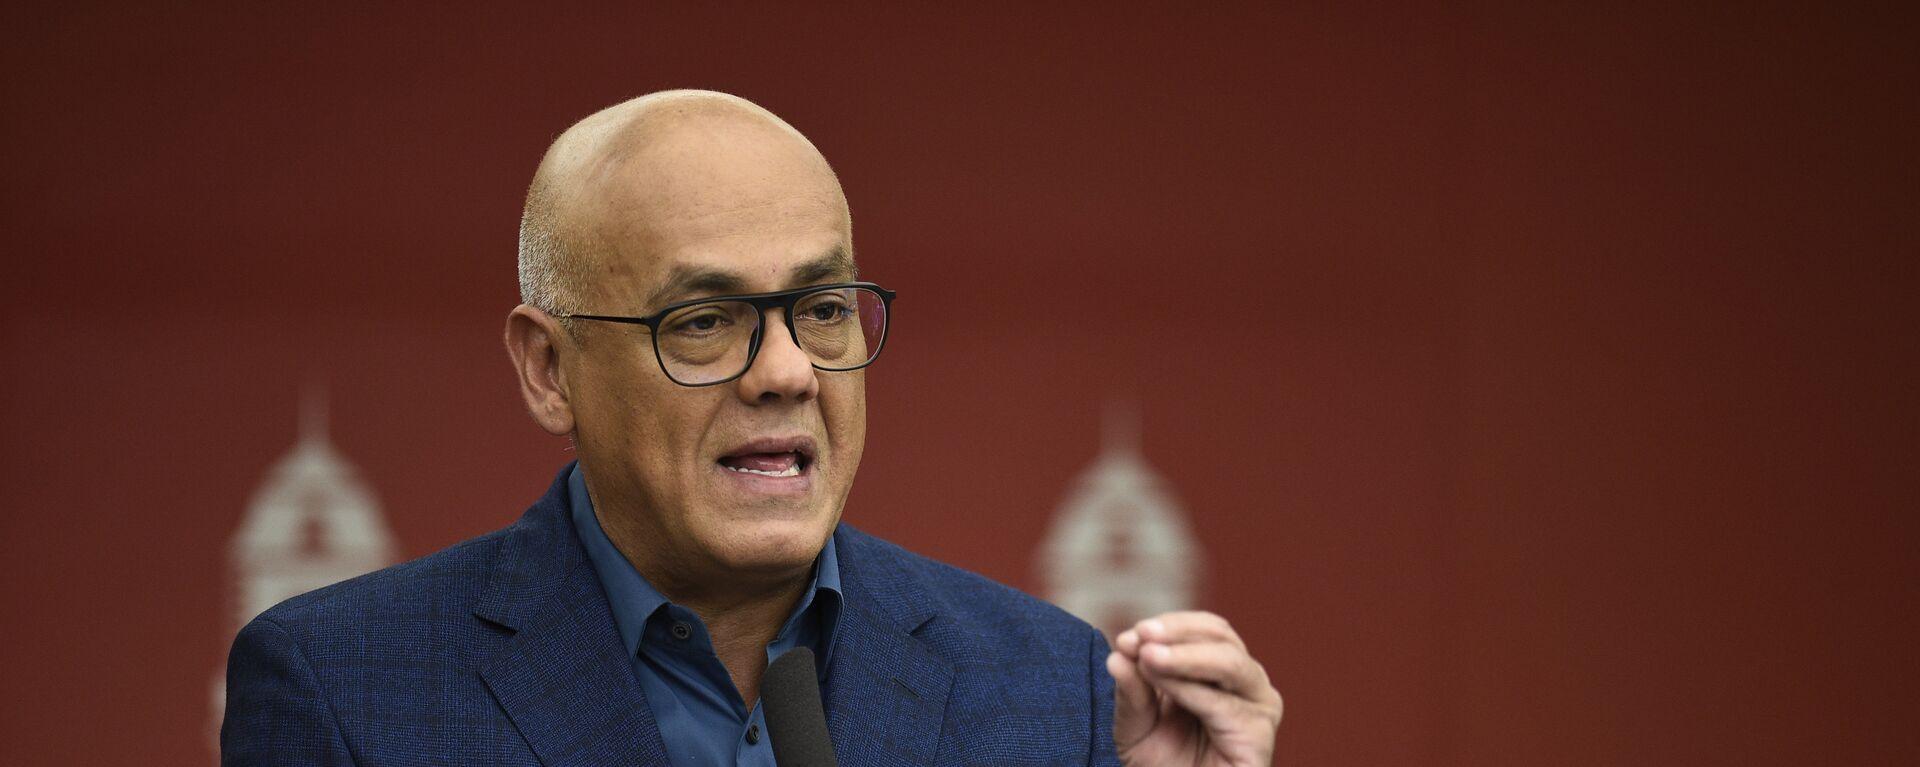 Jorge Rodríguez, ministro de Comunicación e Información de Venezuela - Sputnik Mundo, 1920, 01.03.2021